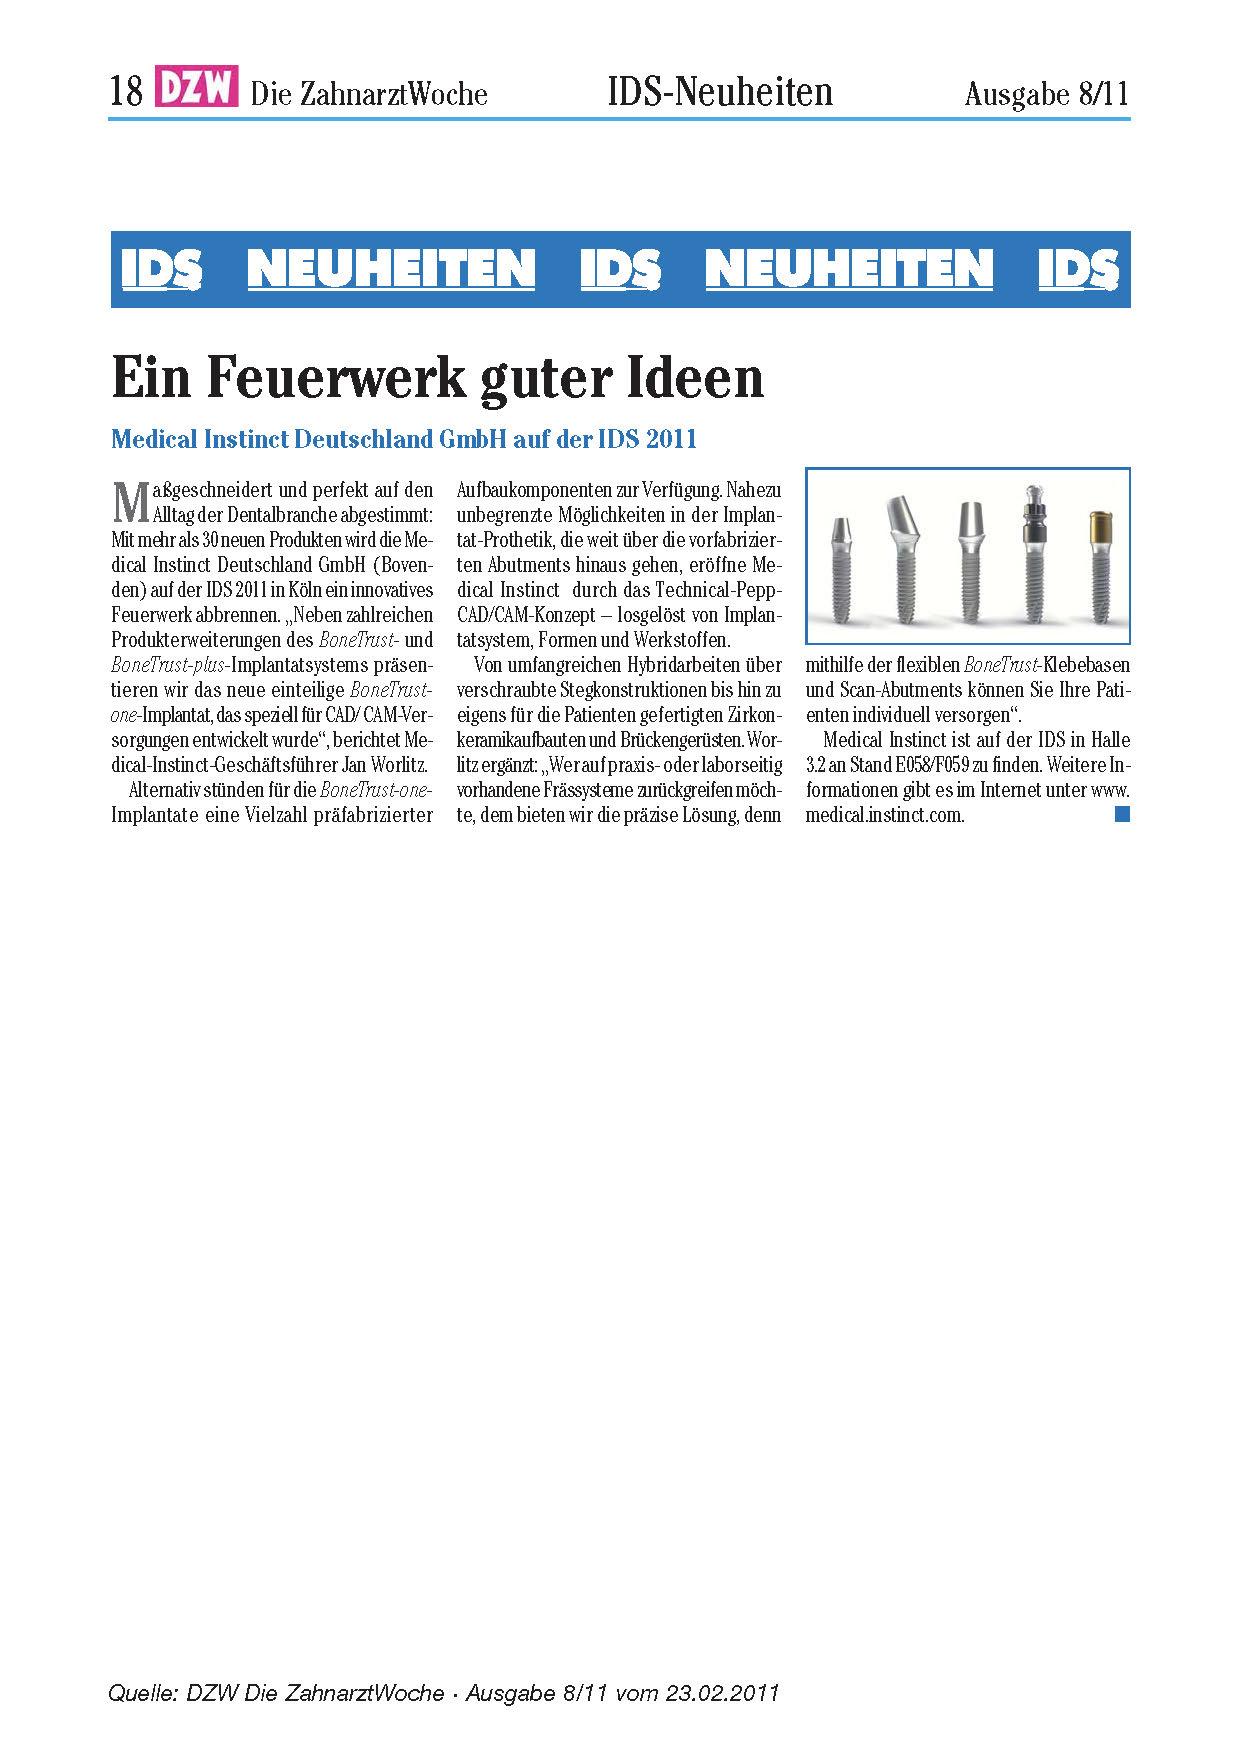 IDS - Ein Feuerwerk Guter Ideen - DZW Ausgabe 8 2011